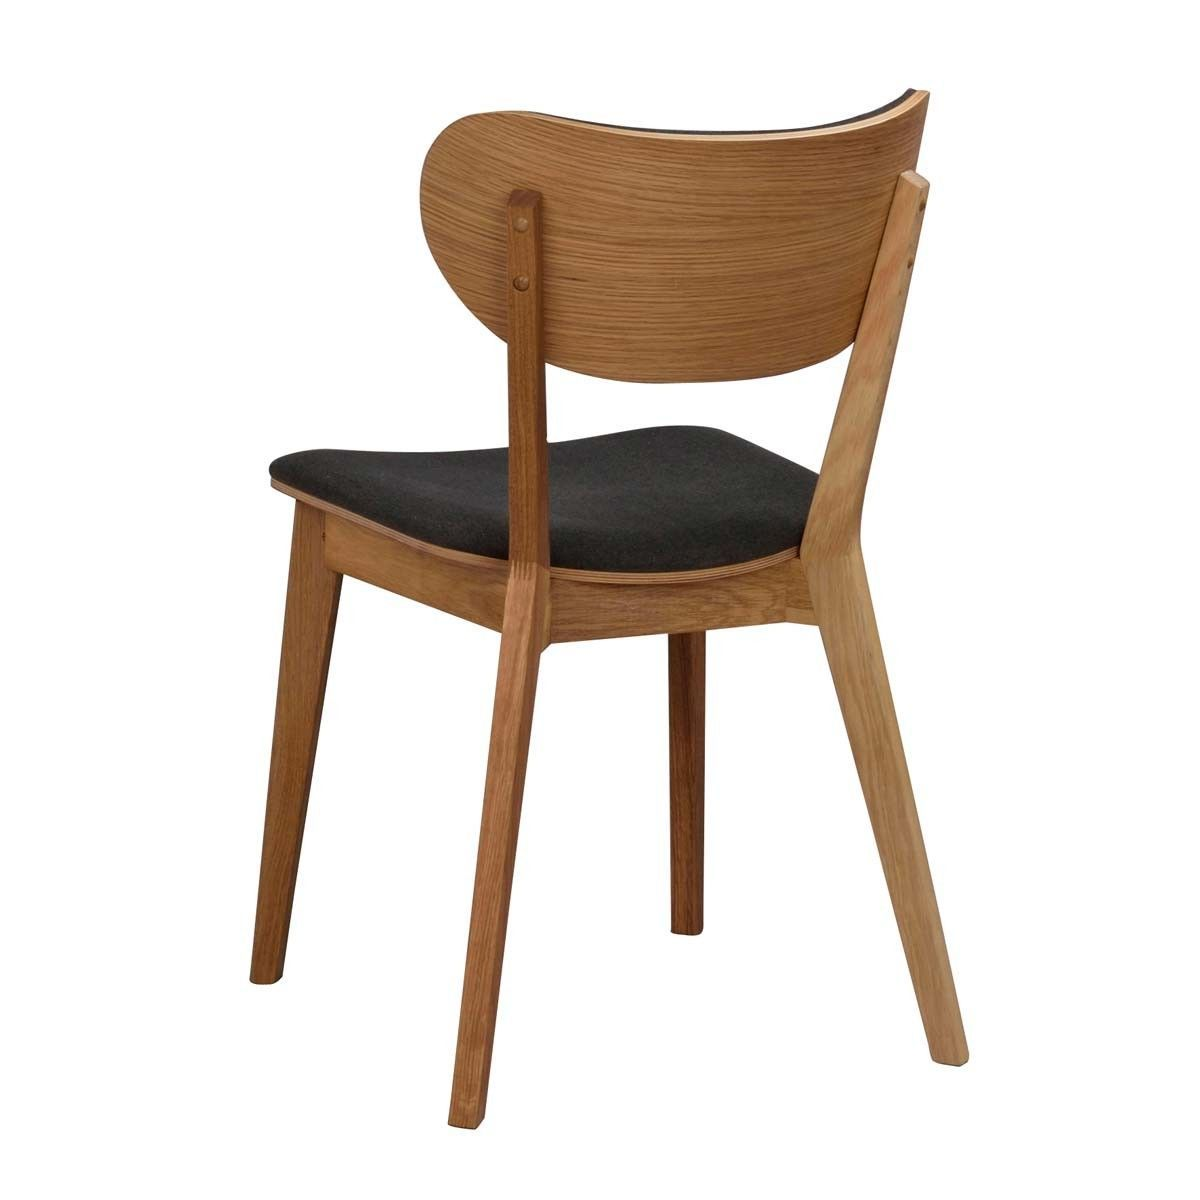 Eetkamer Stoel Retro.Cato Houten Eetkamerstoel Eikenhout Decor Furniture Home Decor